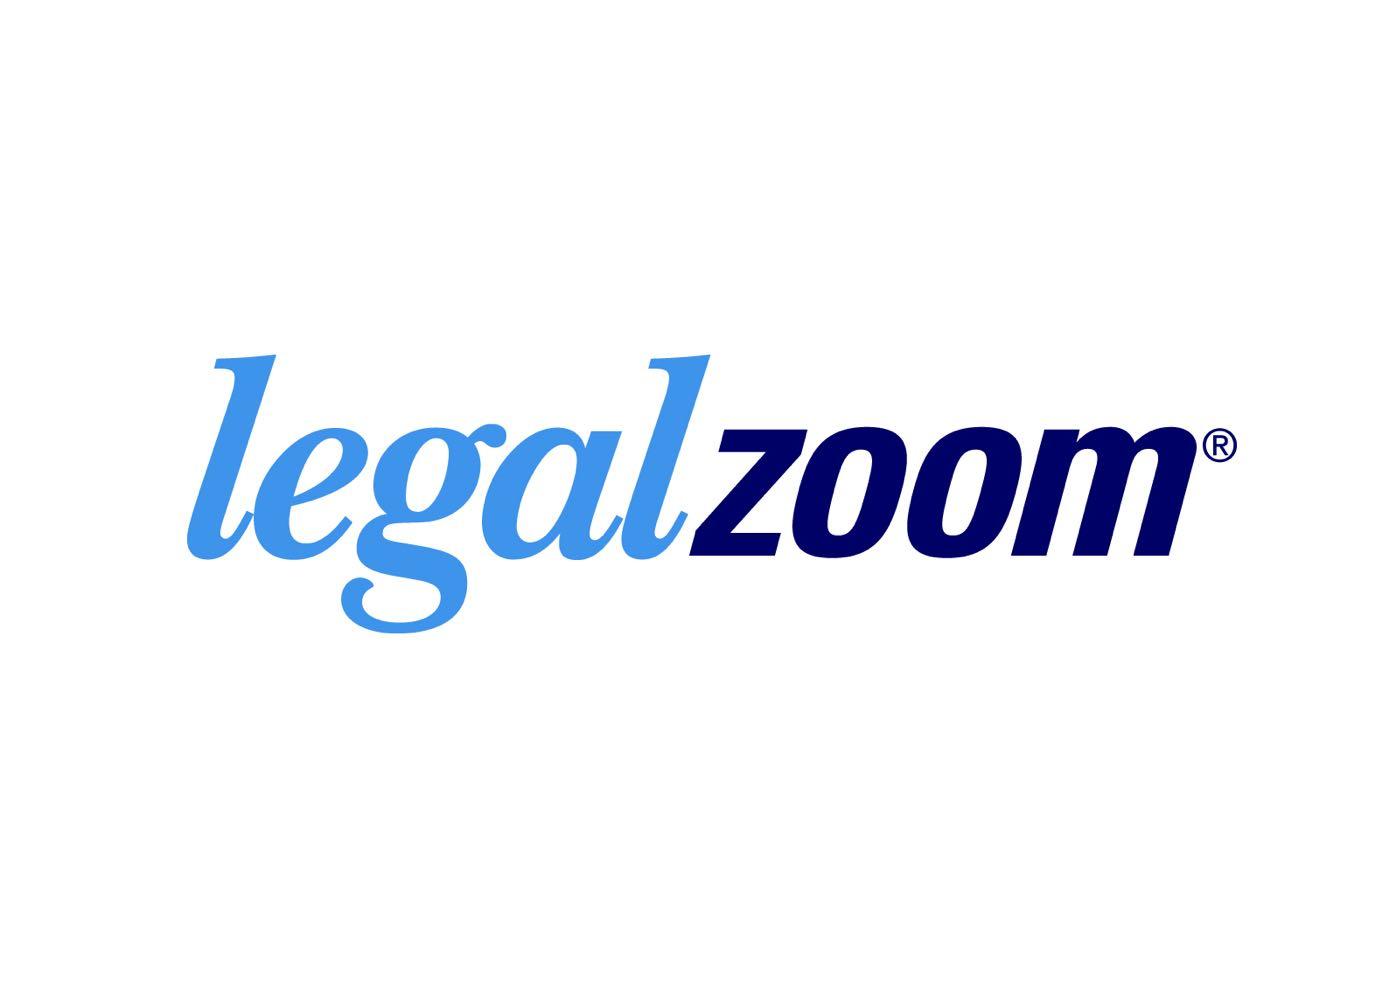 56cd3ca747f1f3716dc381d8_Legal Zoom.jpg